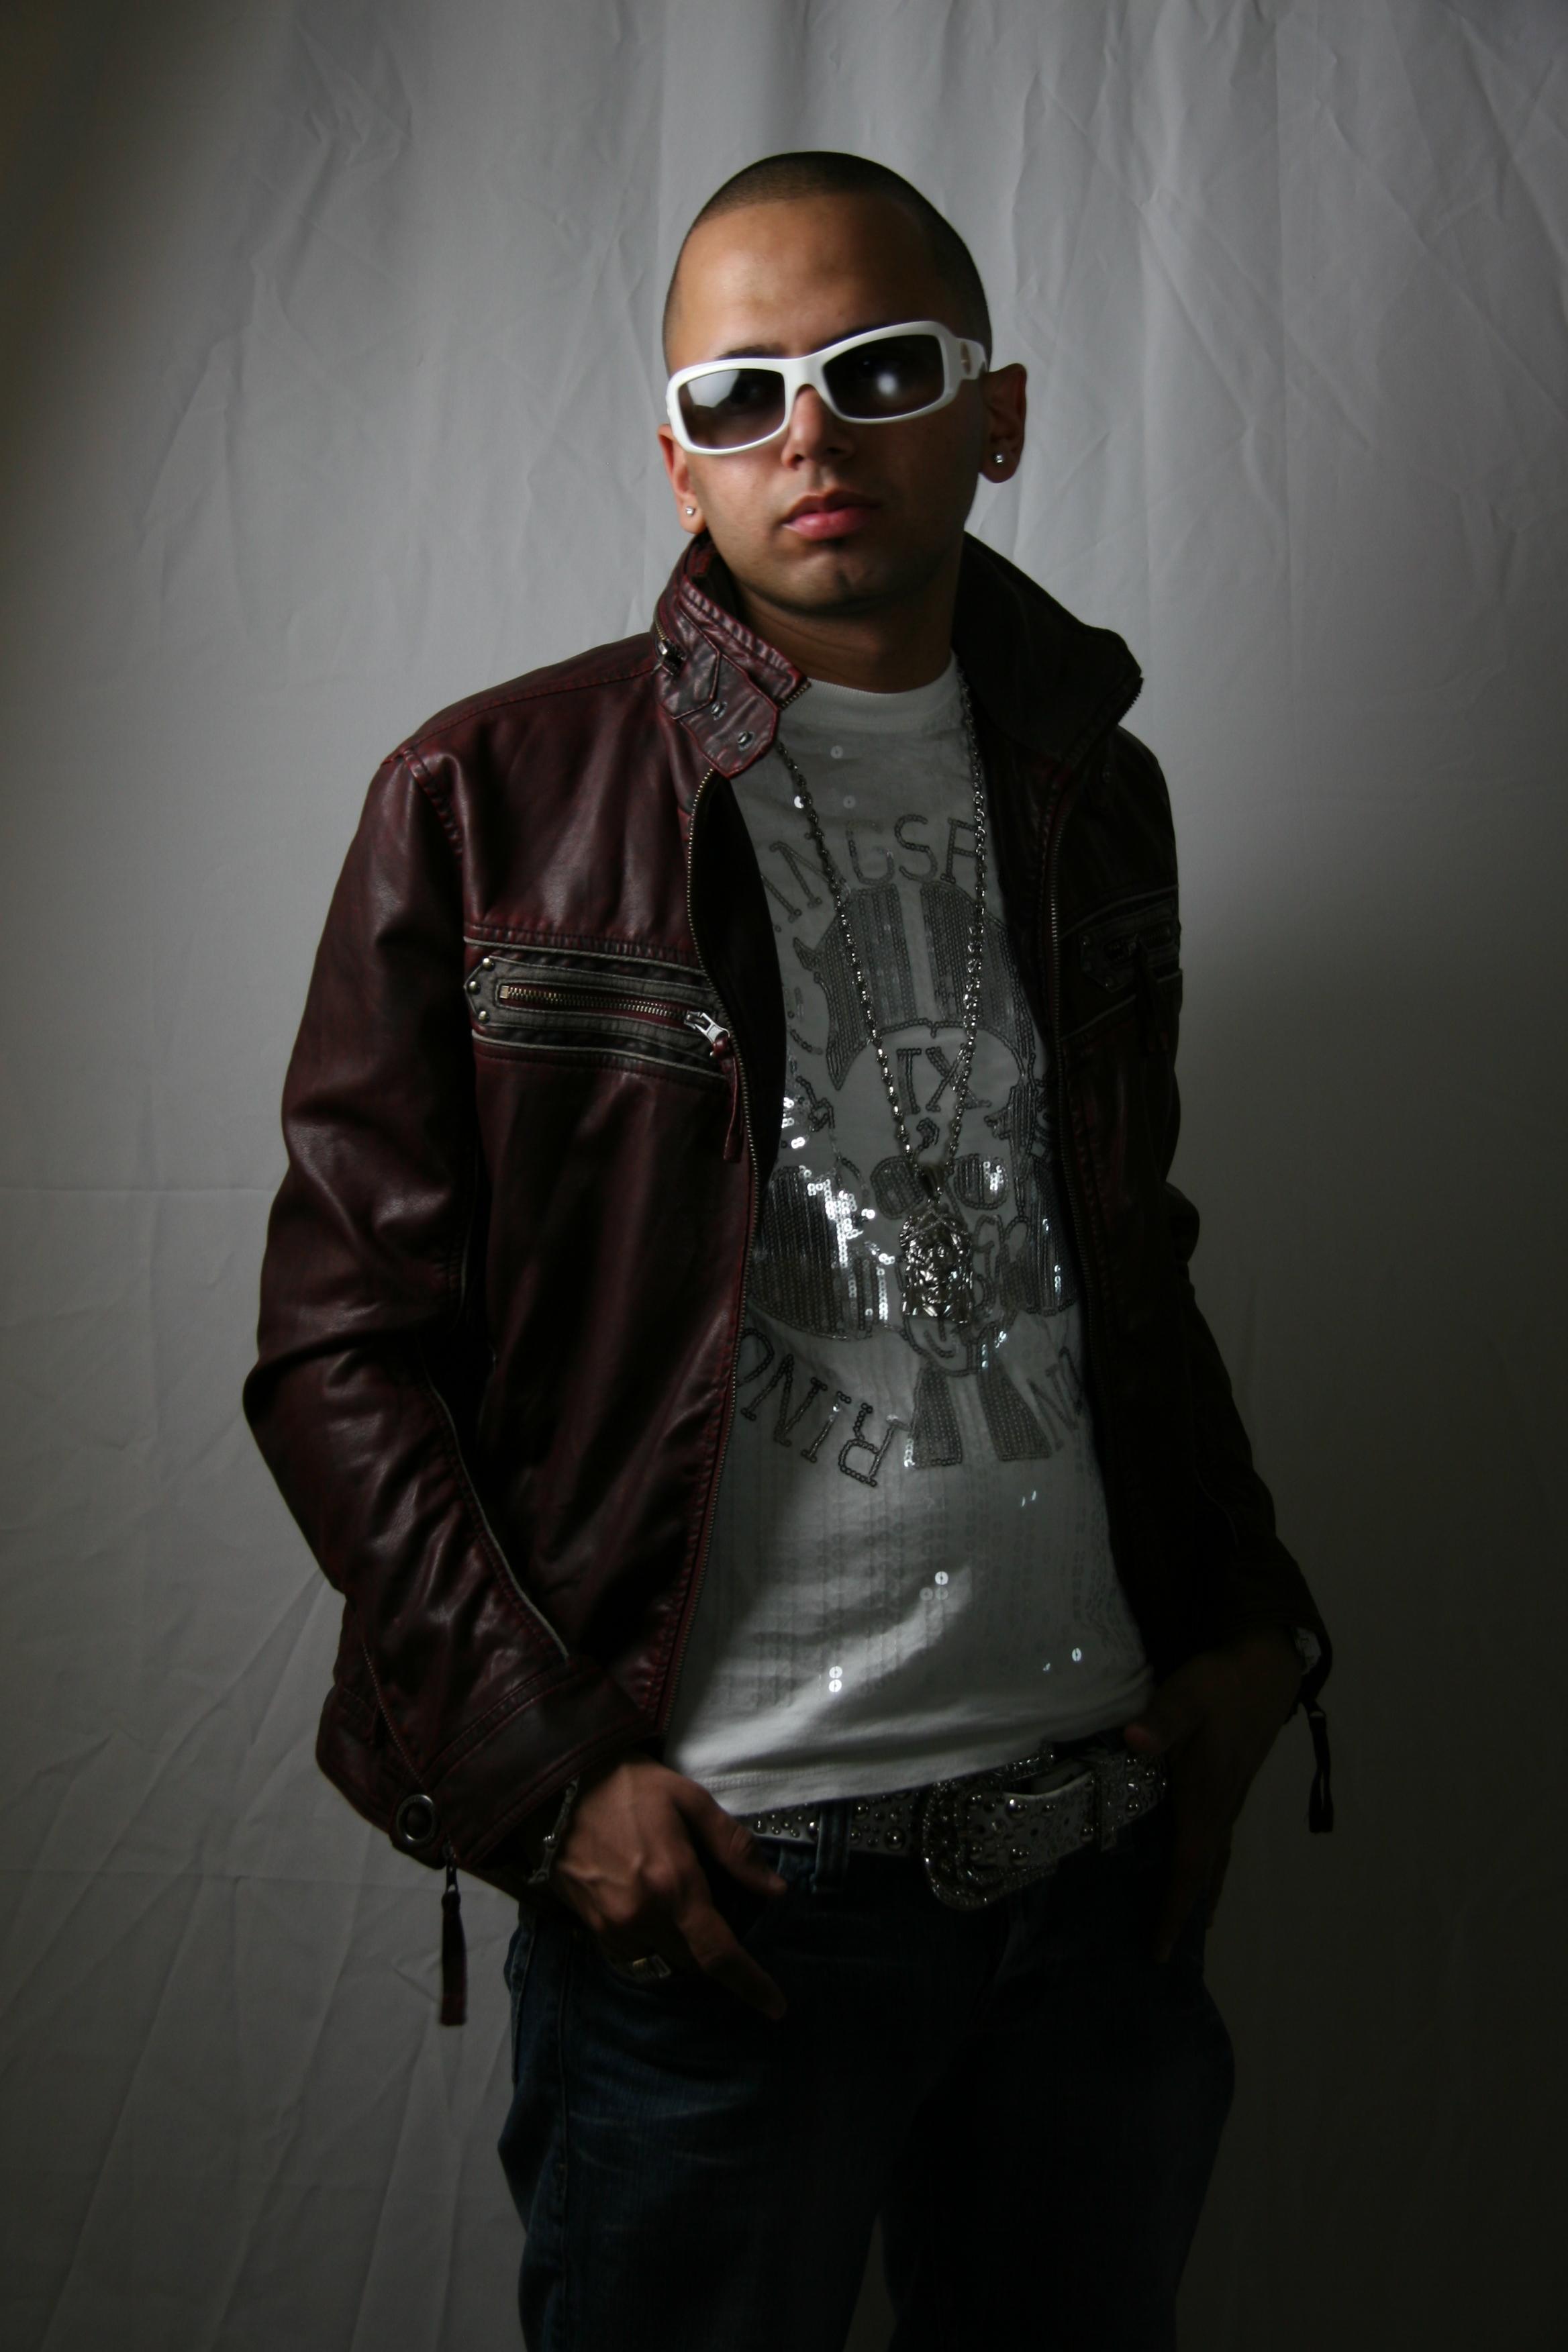 Sensato del Patio: From Underground Artist to Chart Topper